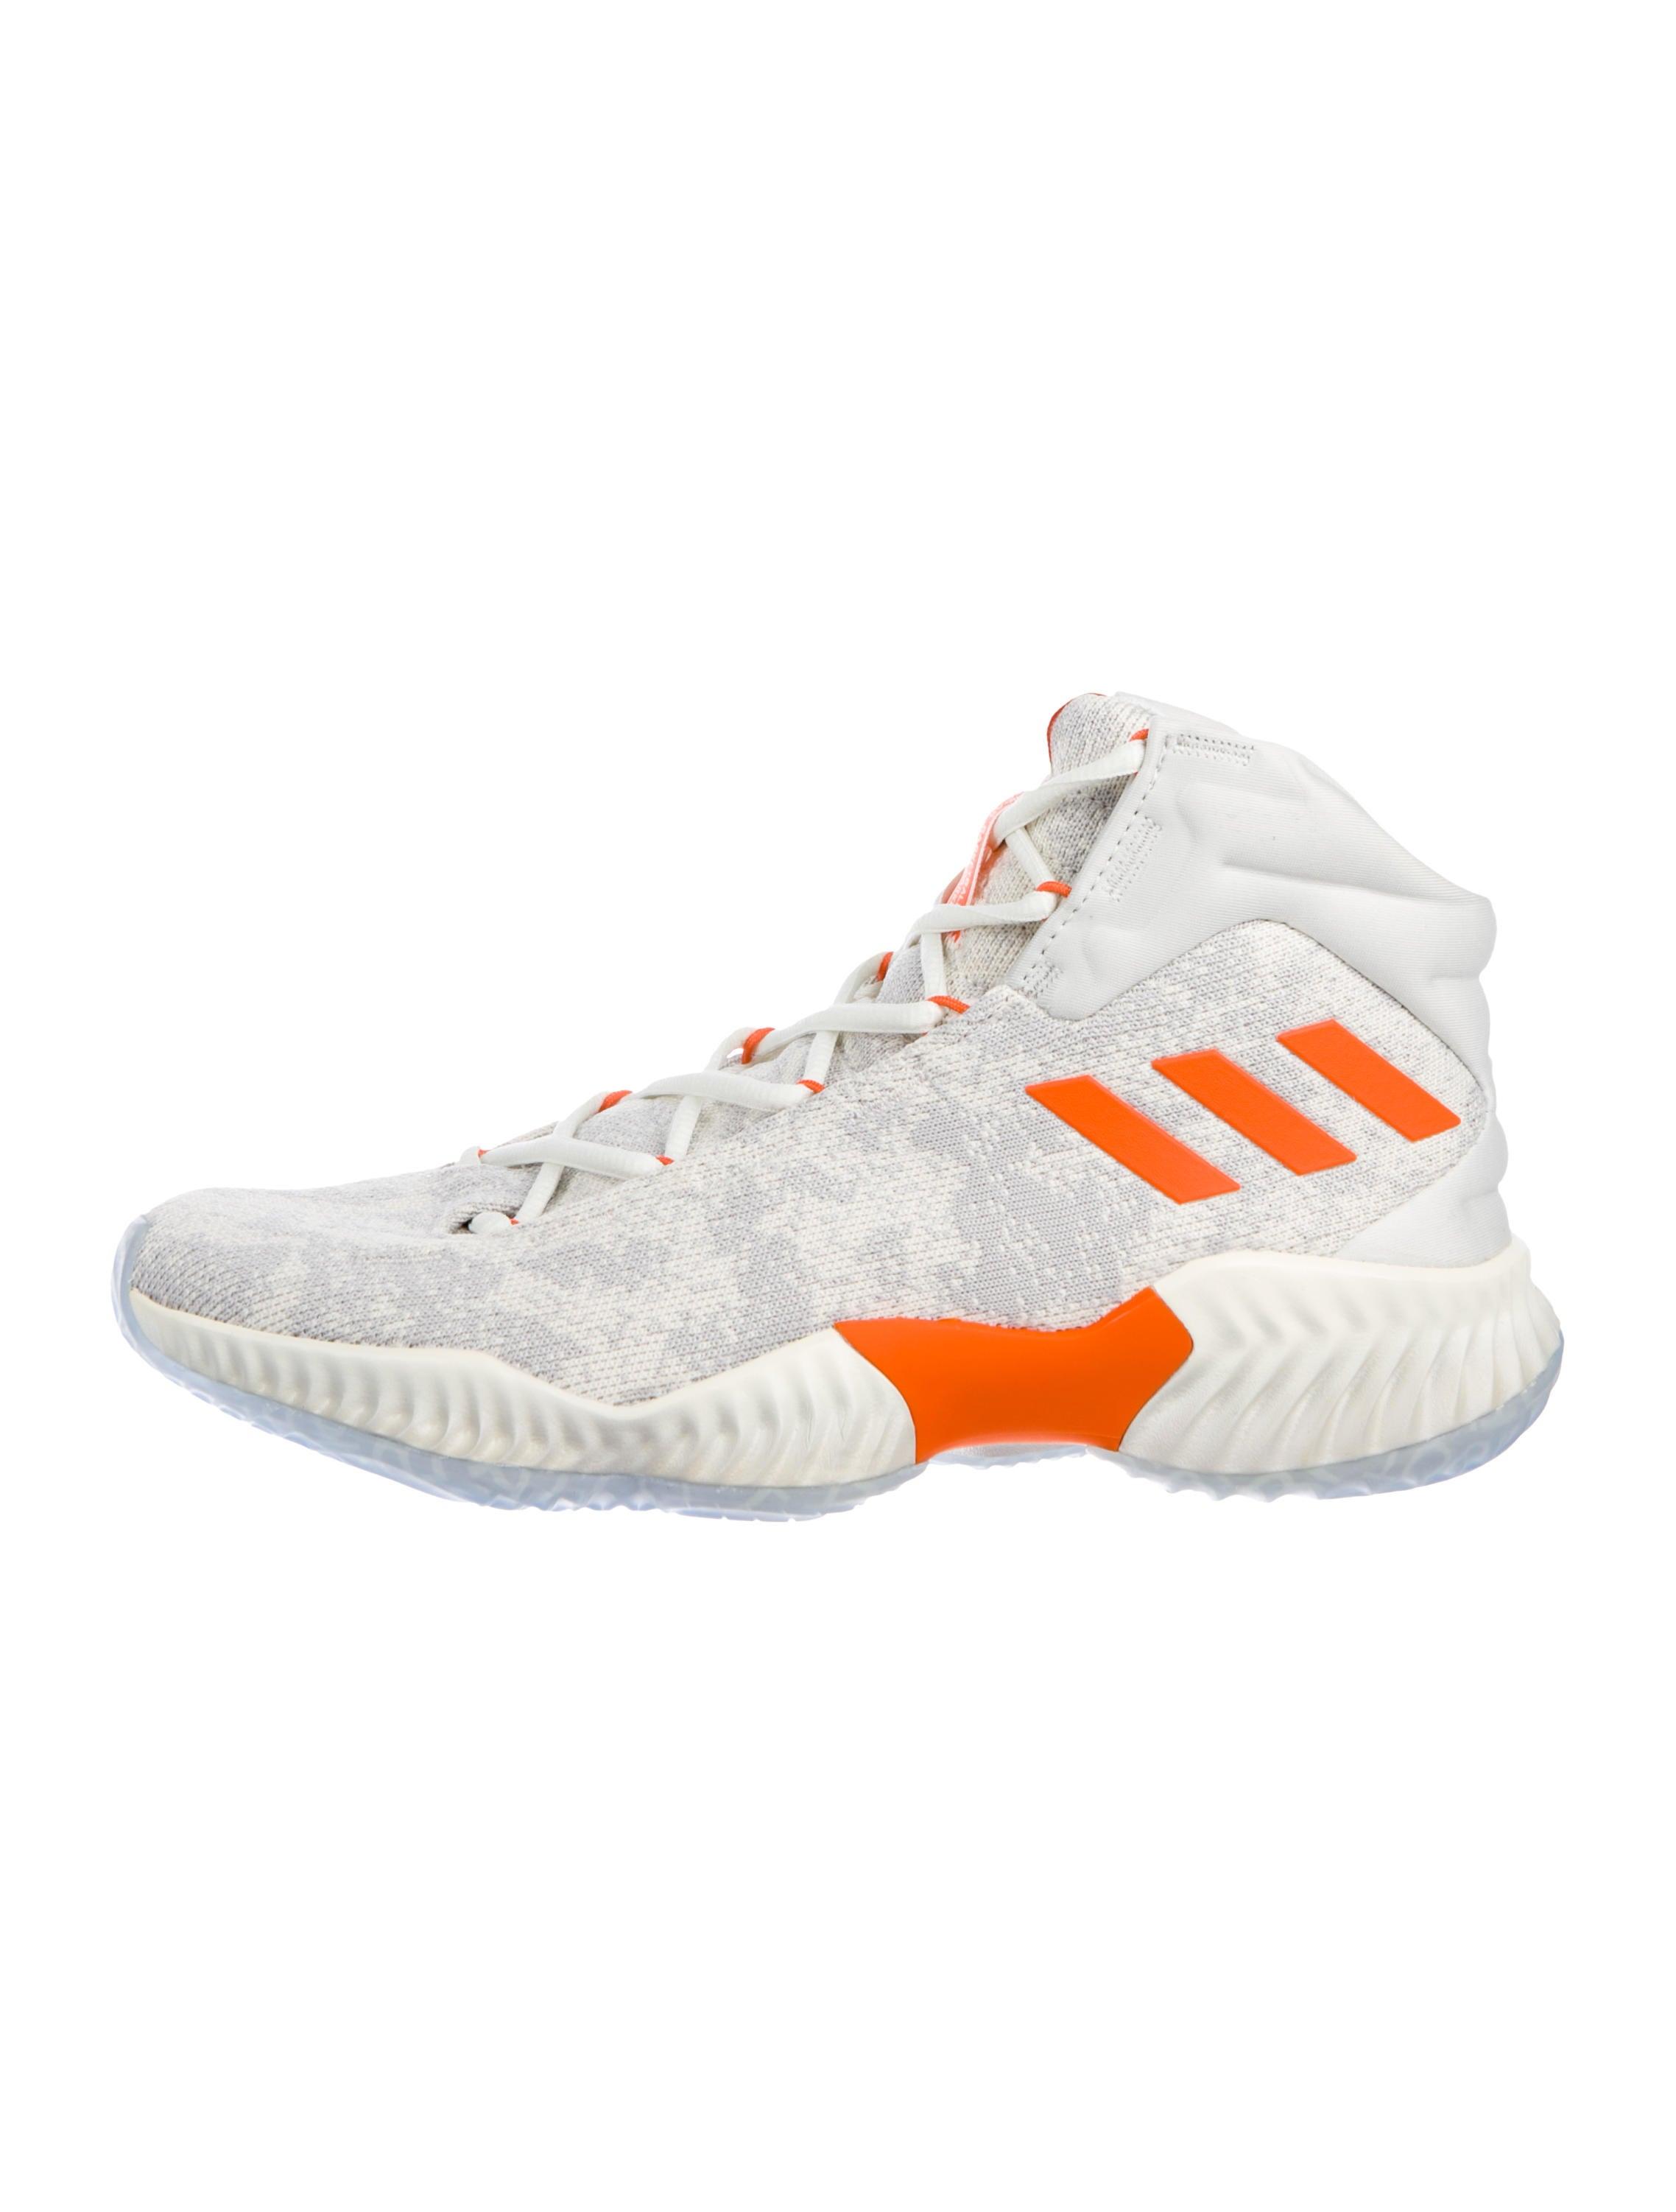 Adidas Pro Bounce 18 Candace Parker PE